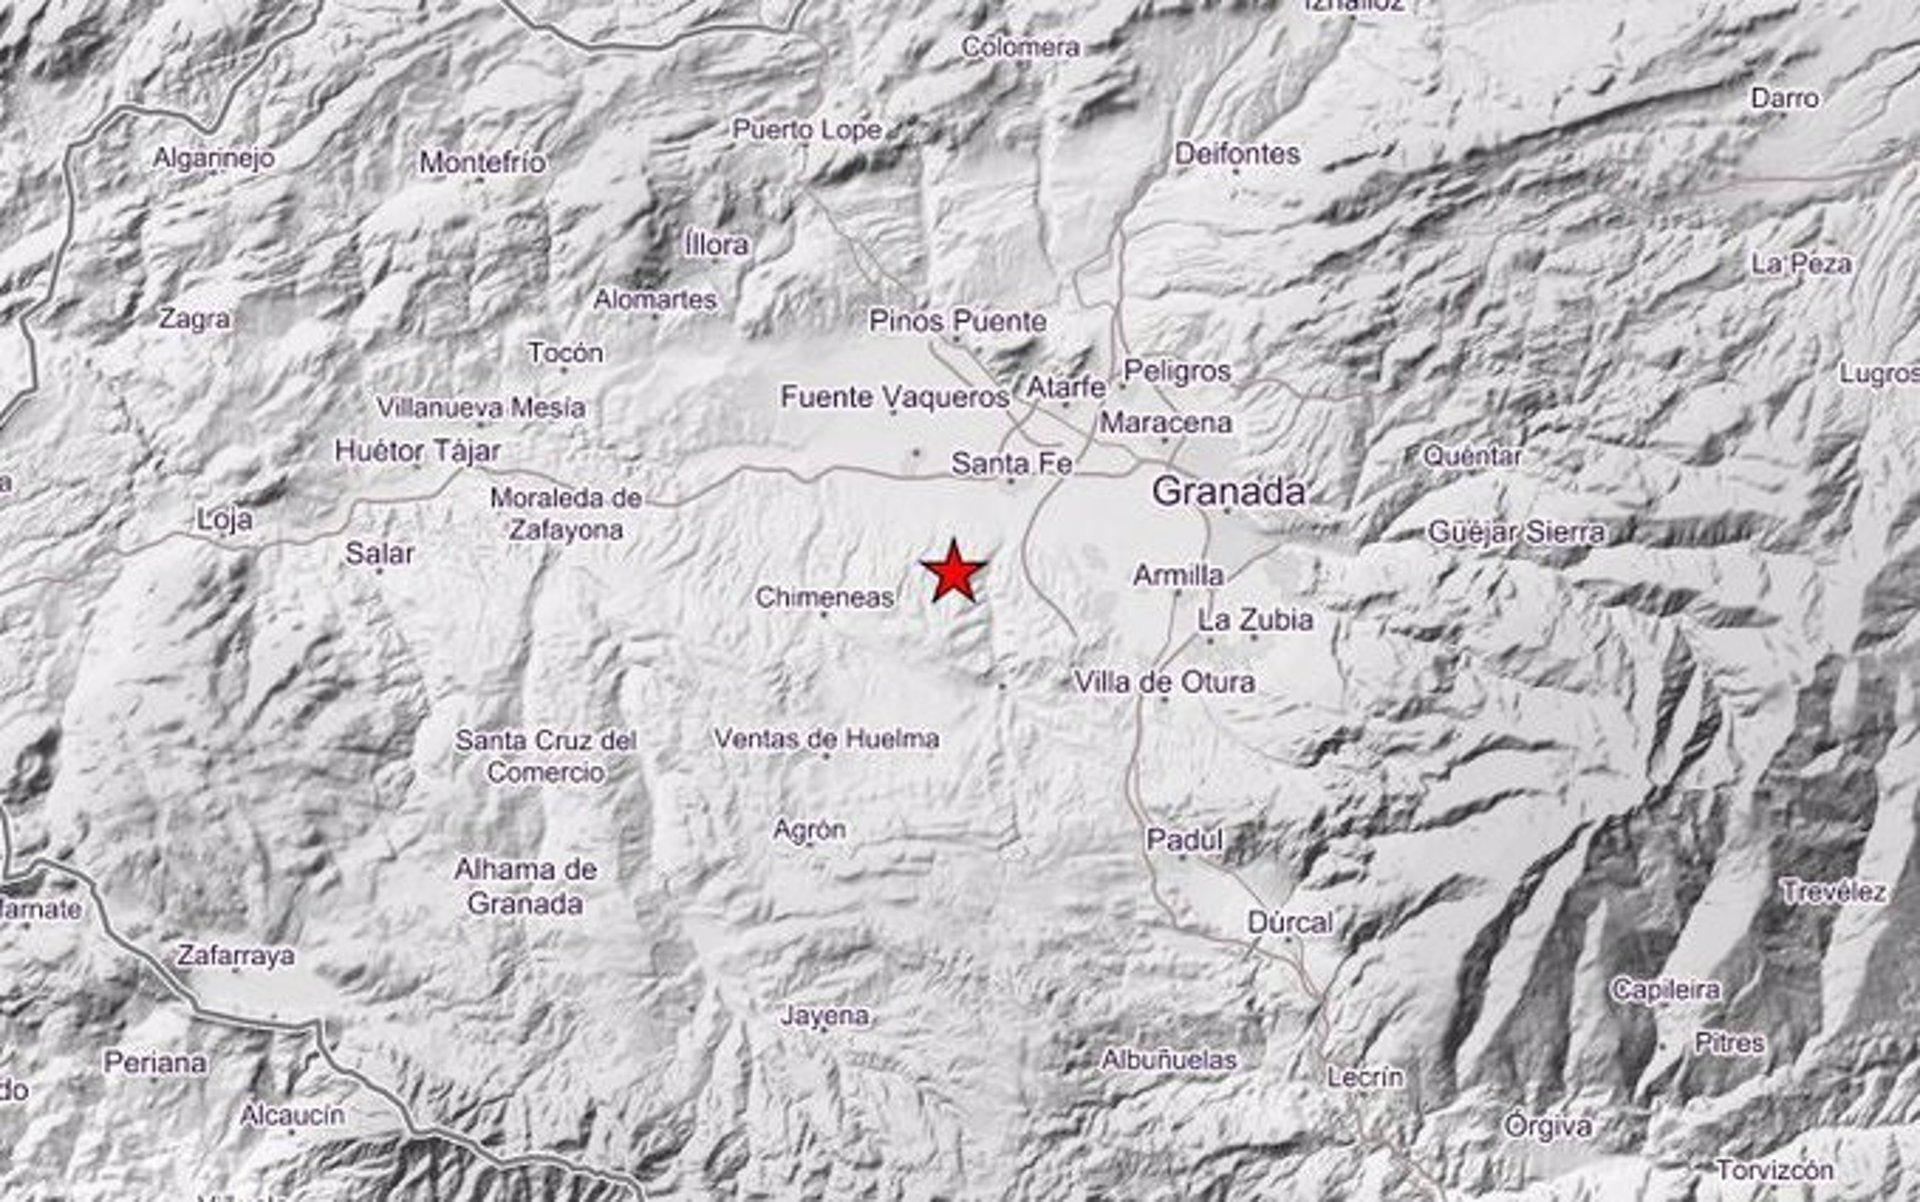 Dos nuevos terremotos de 3,3 grados en las últimas 15 horas con epicentro en Santa Fe